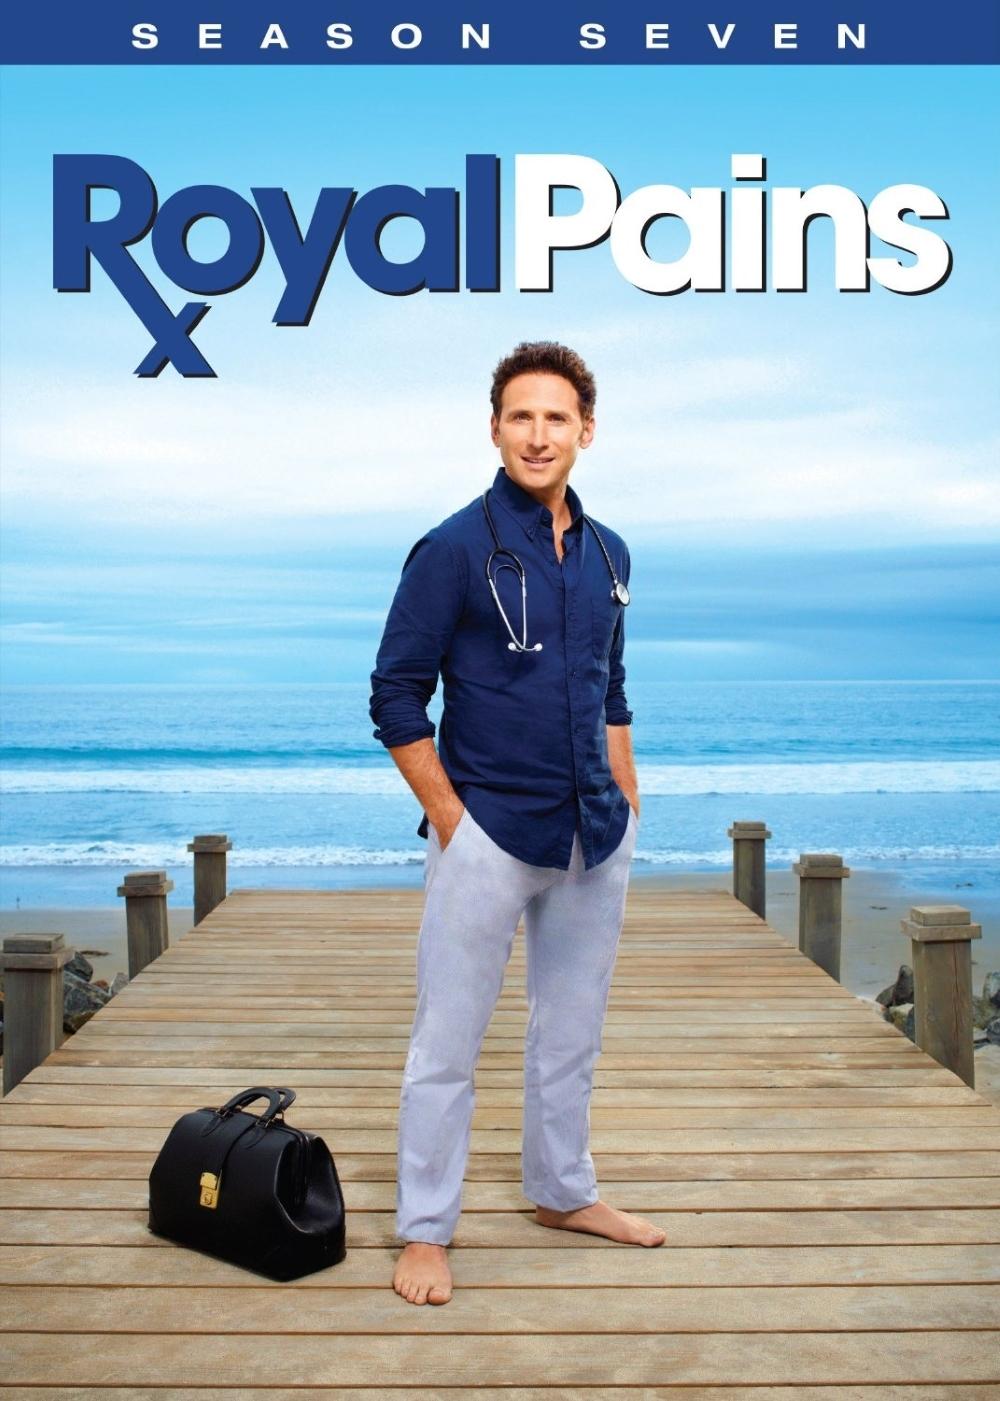 Royal pains season seven 7  dvd 2016 2 disc  concierge doctors